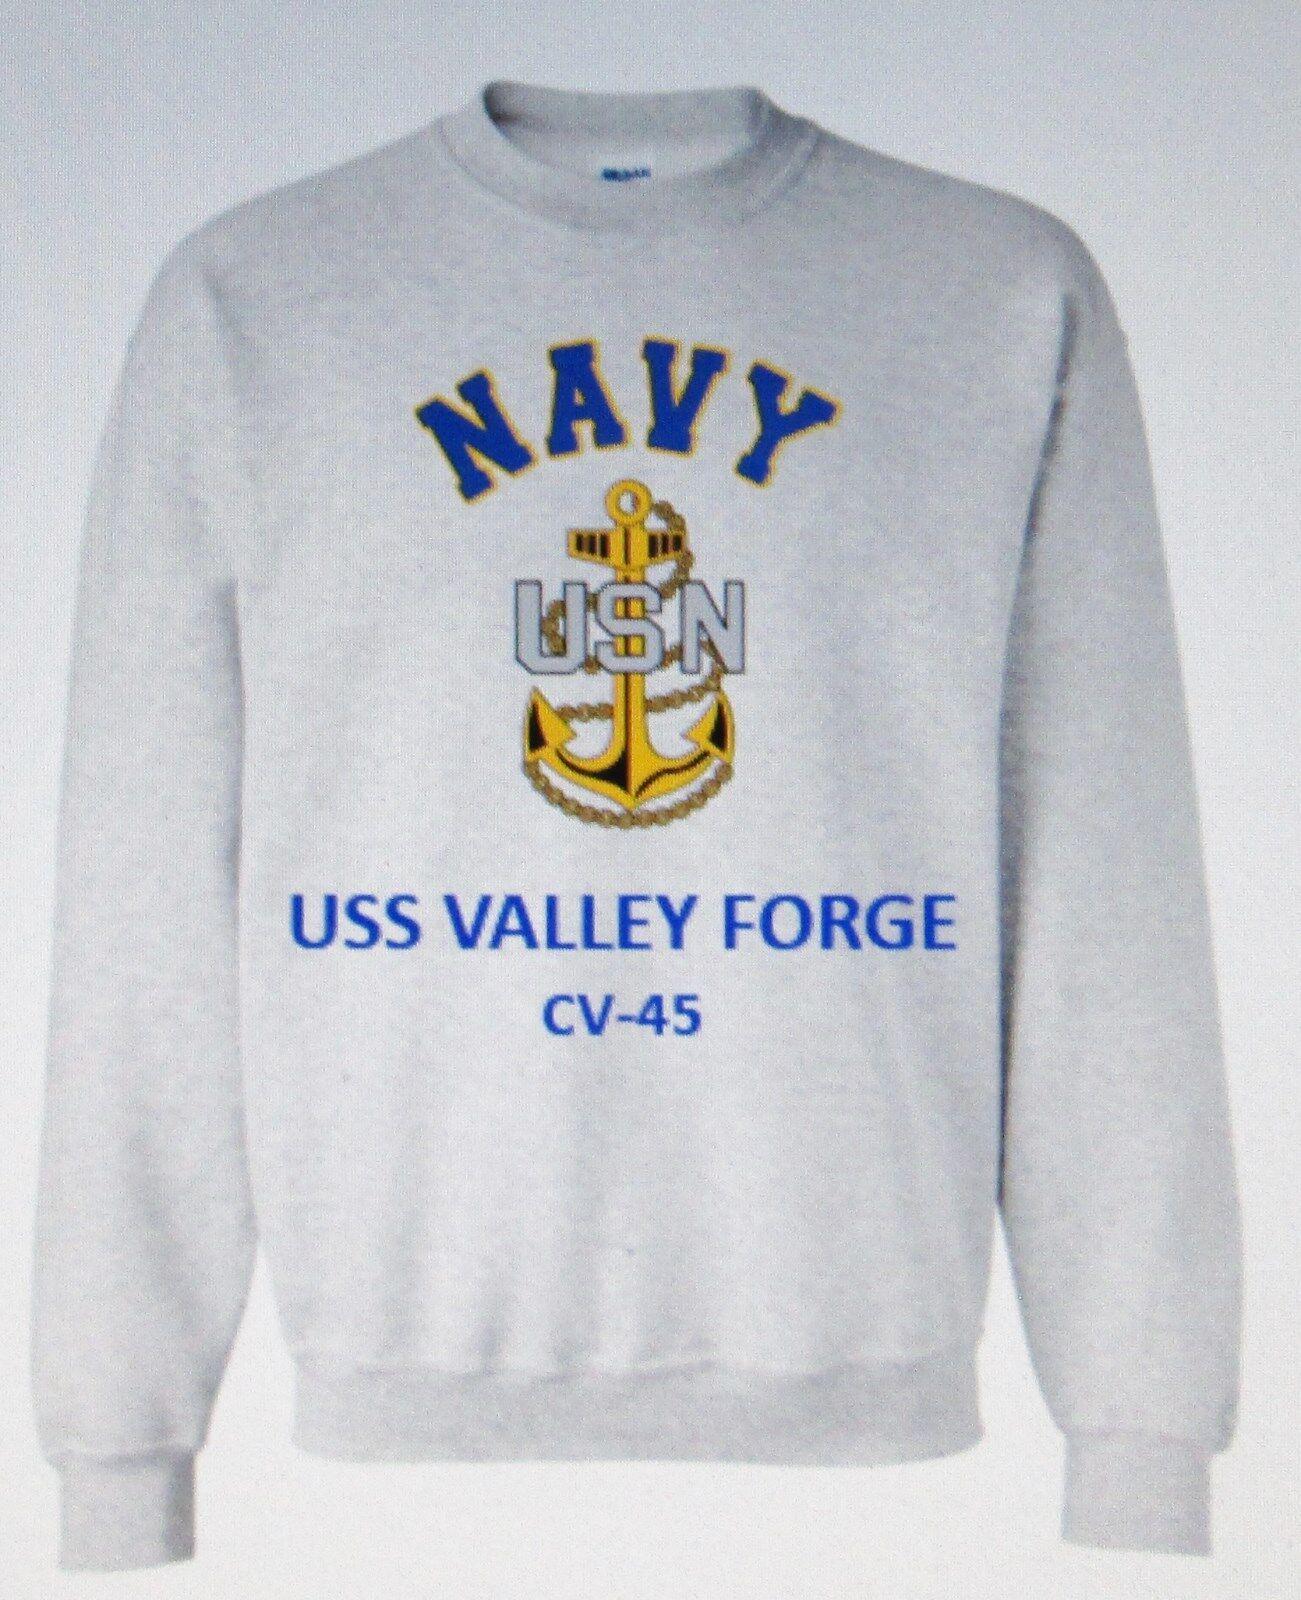 USS VALLEY FORGE  CV-45 AIRCRAFT CARRIER NAVY ANCHOR EMBLEM SWEATSHIRT